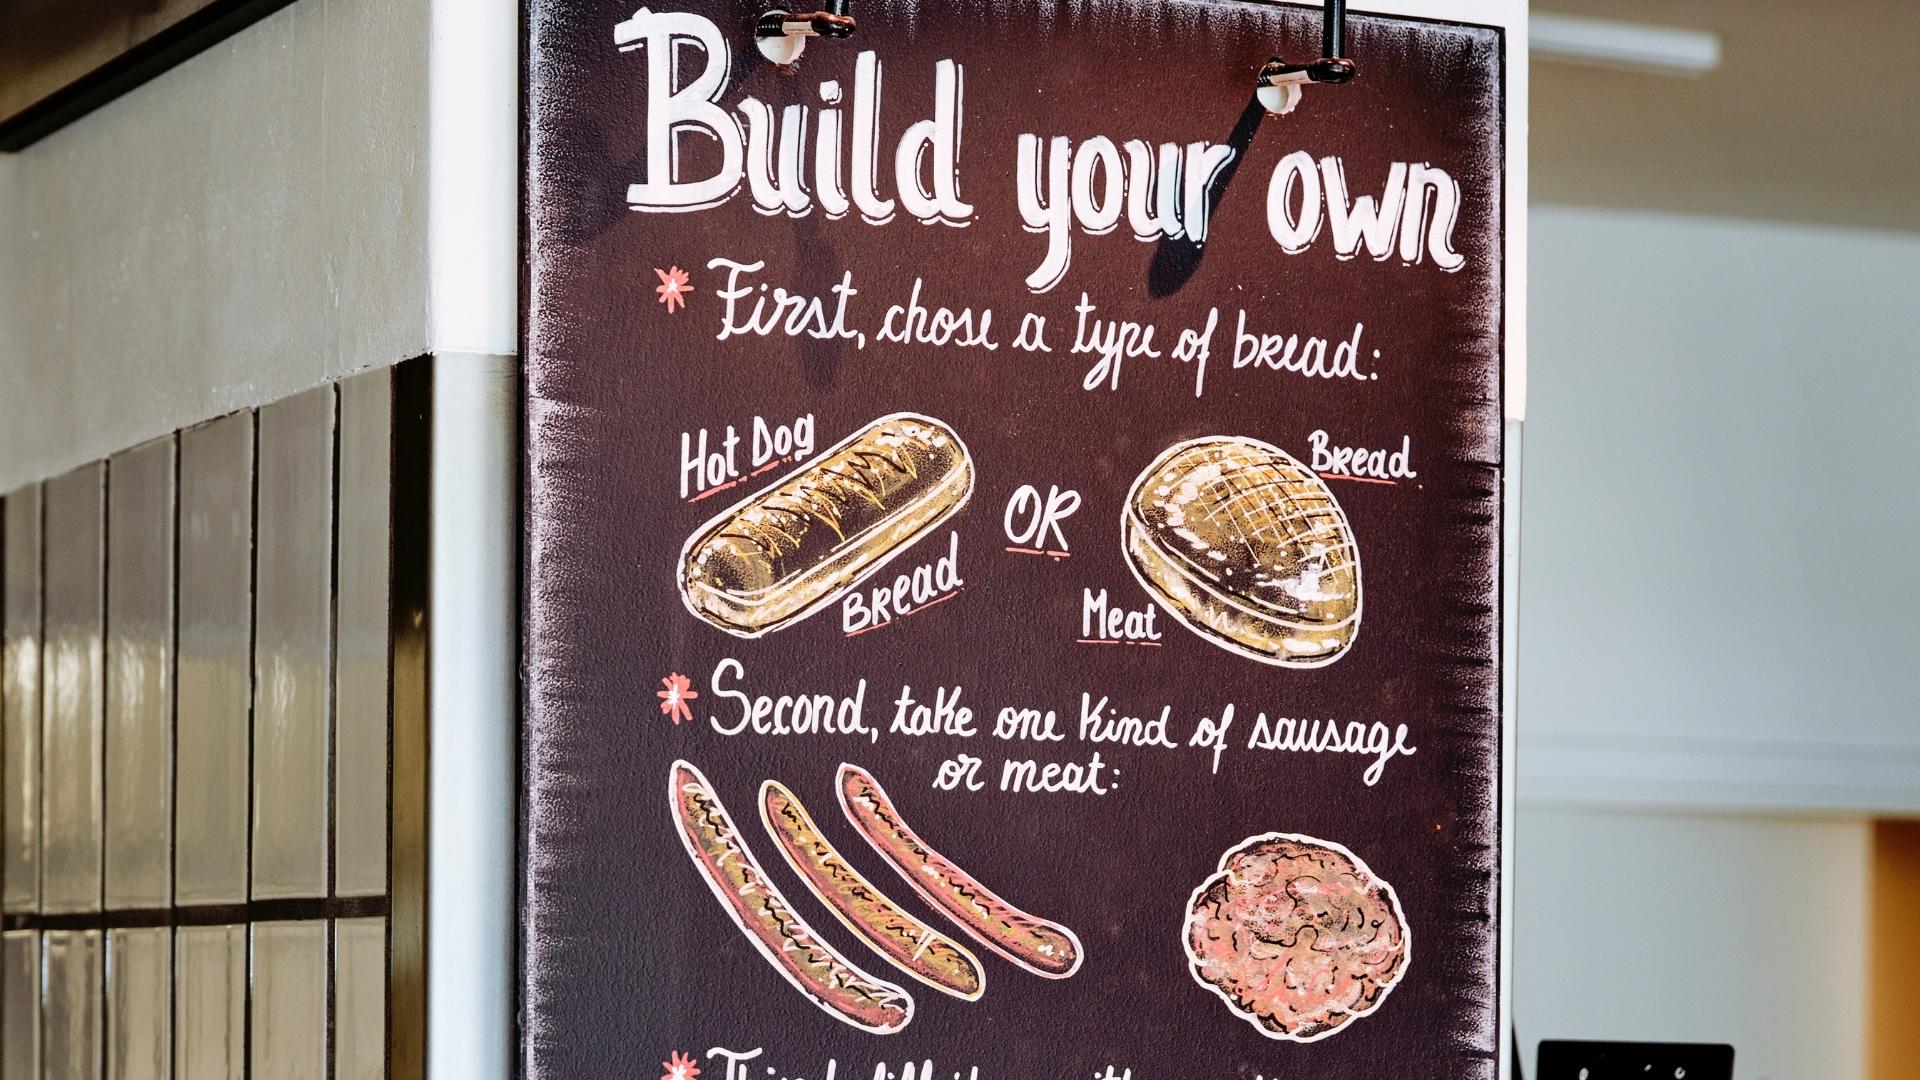 Build your own menu